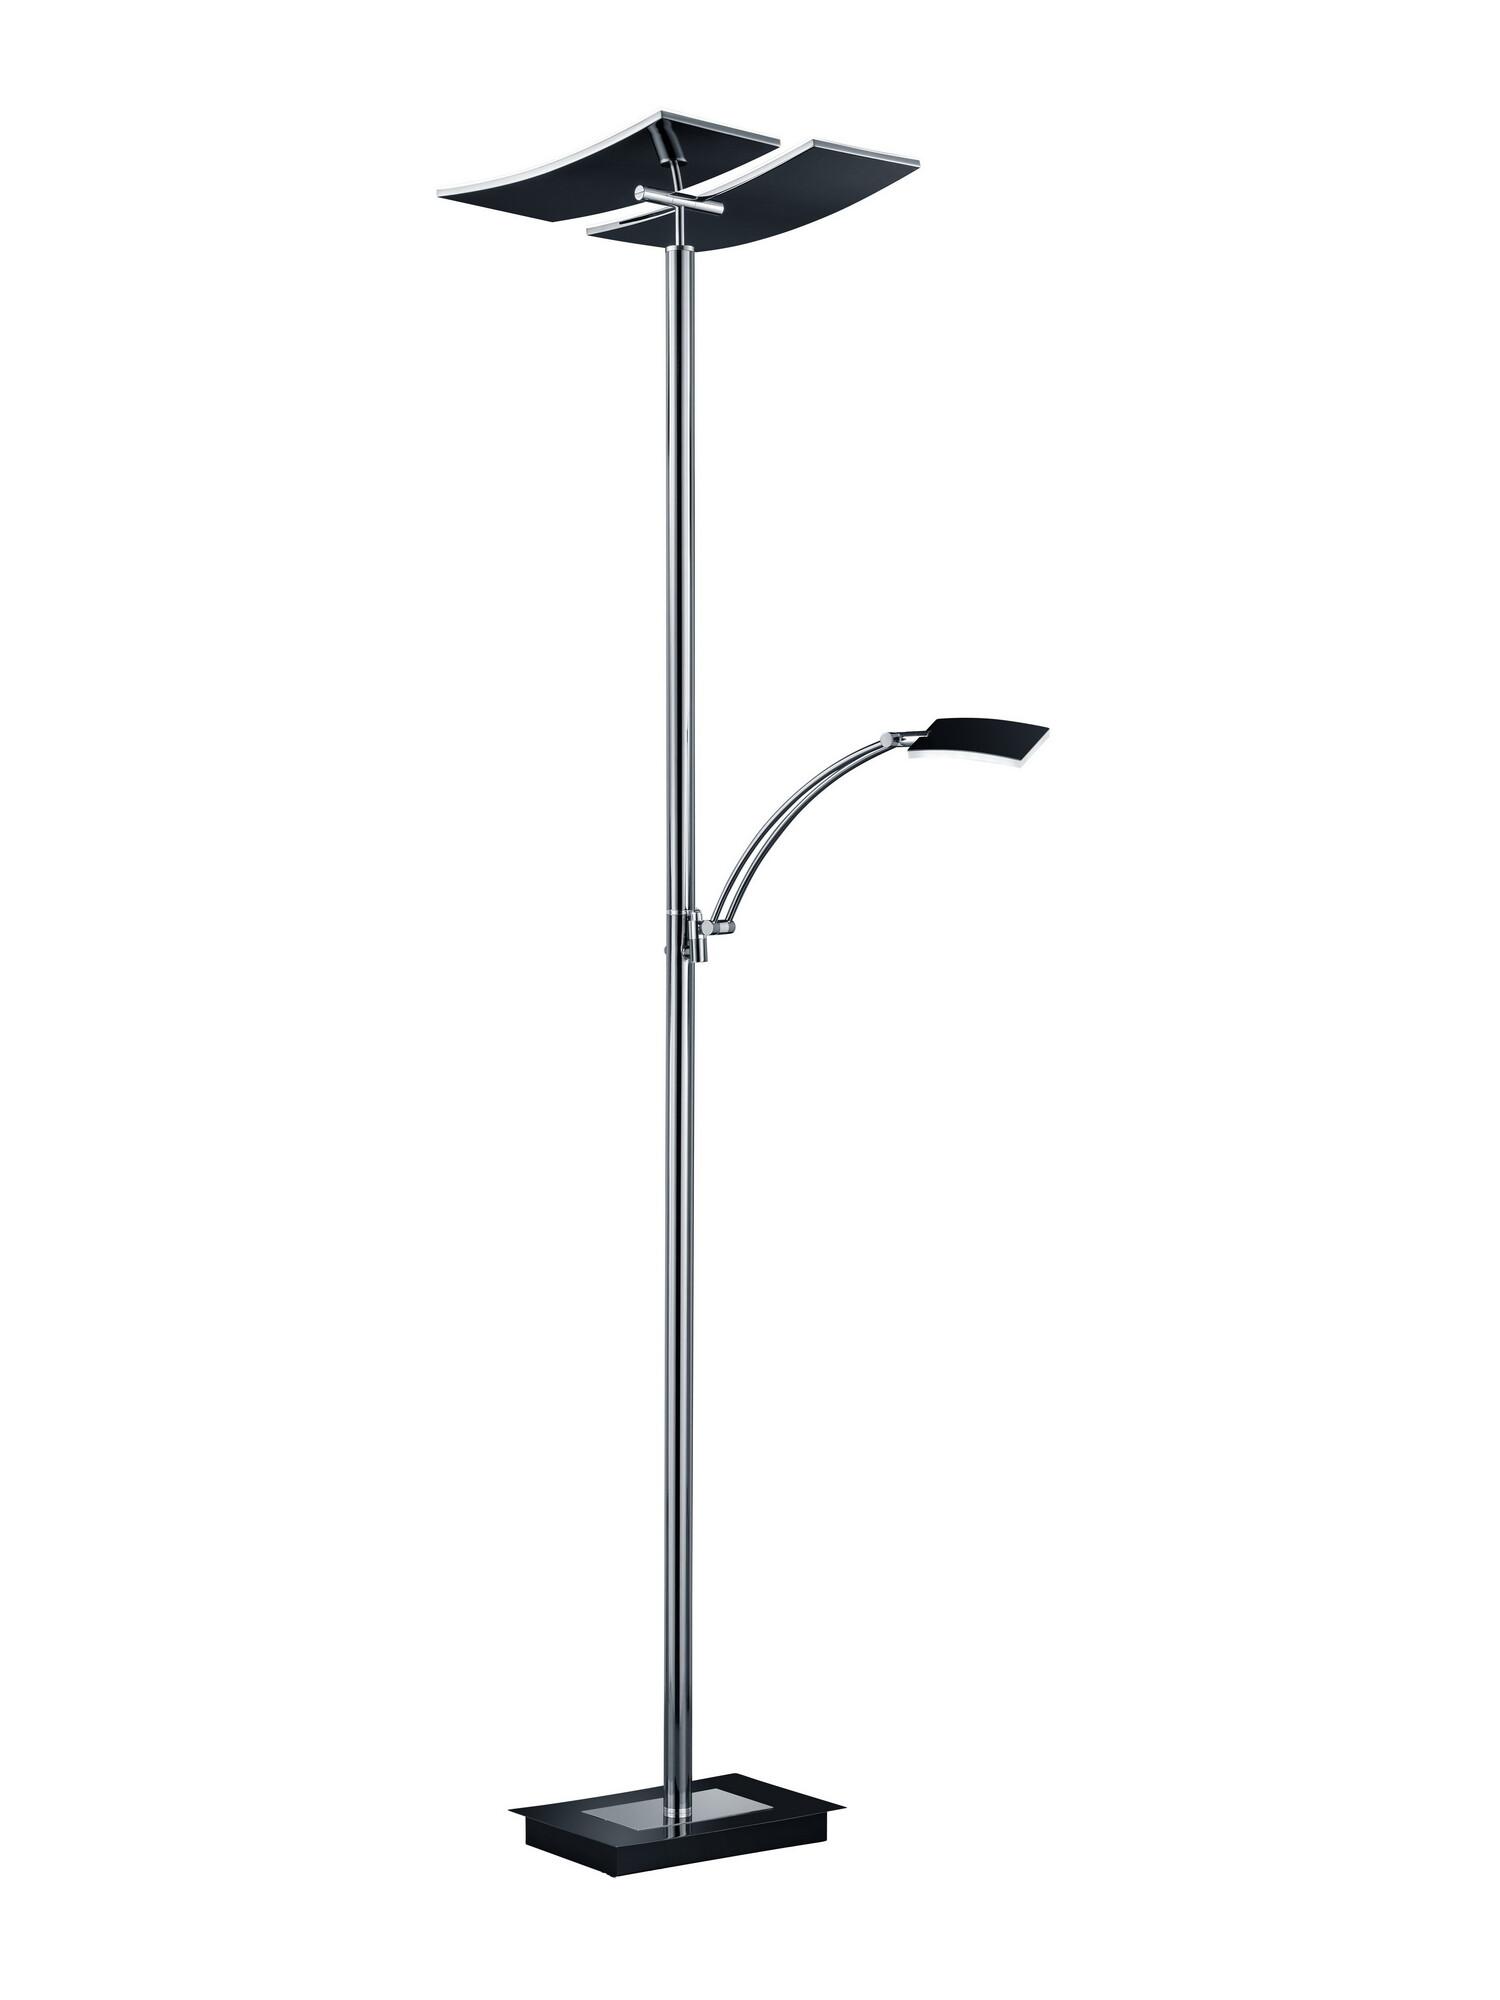 DUO Lampadaire LED 2x30W/3000lm Noir